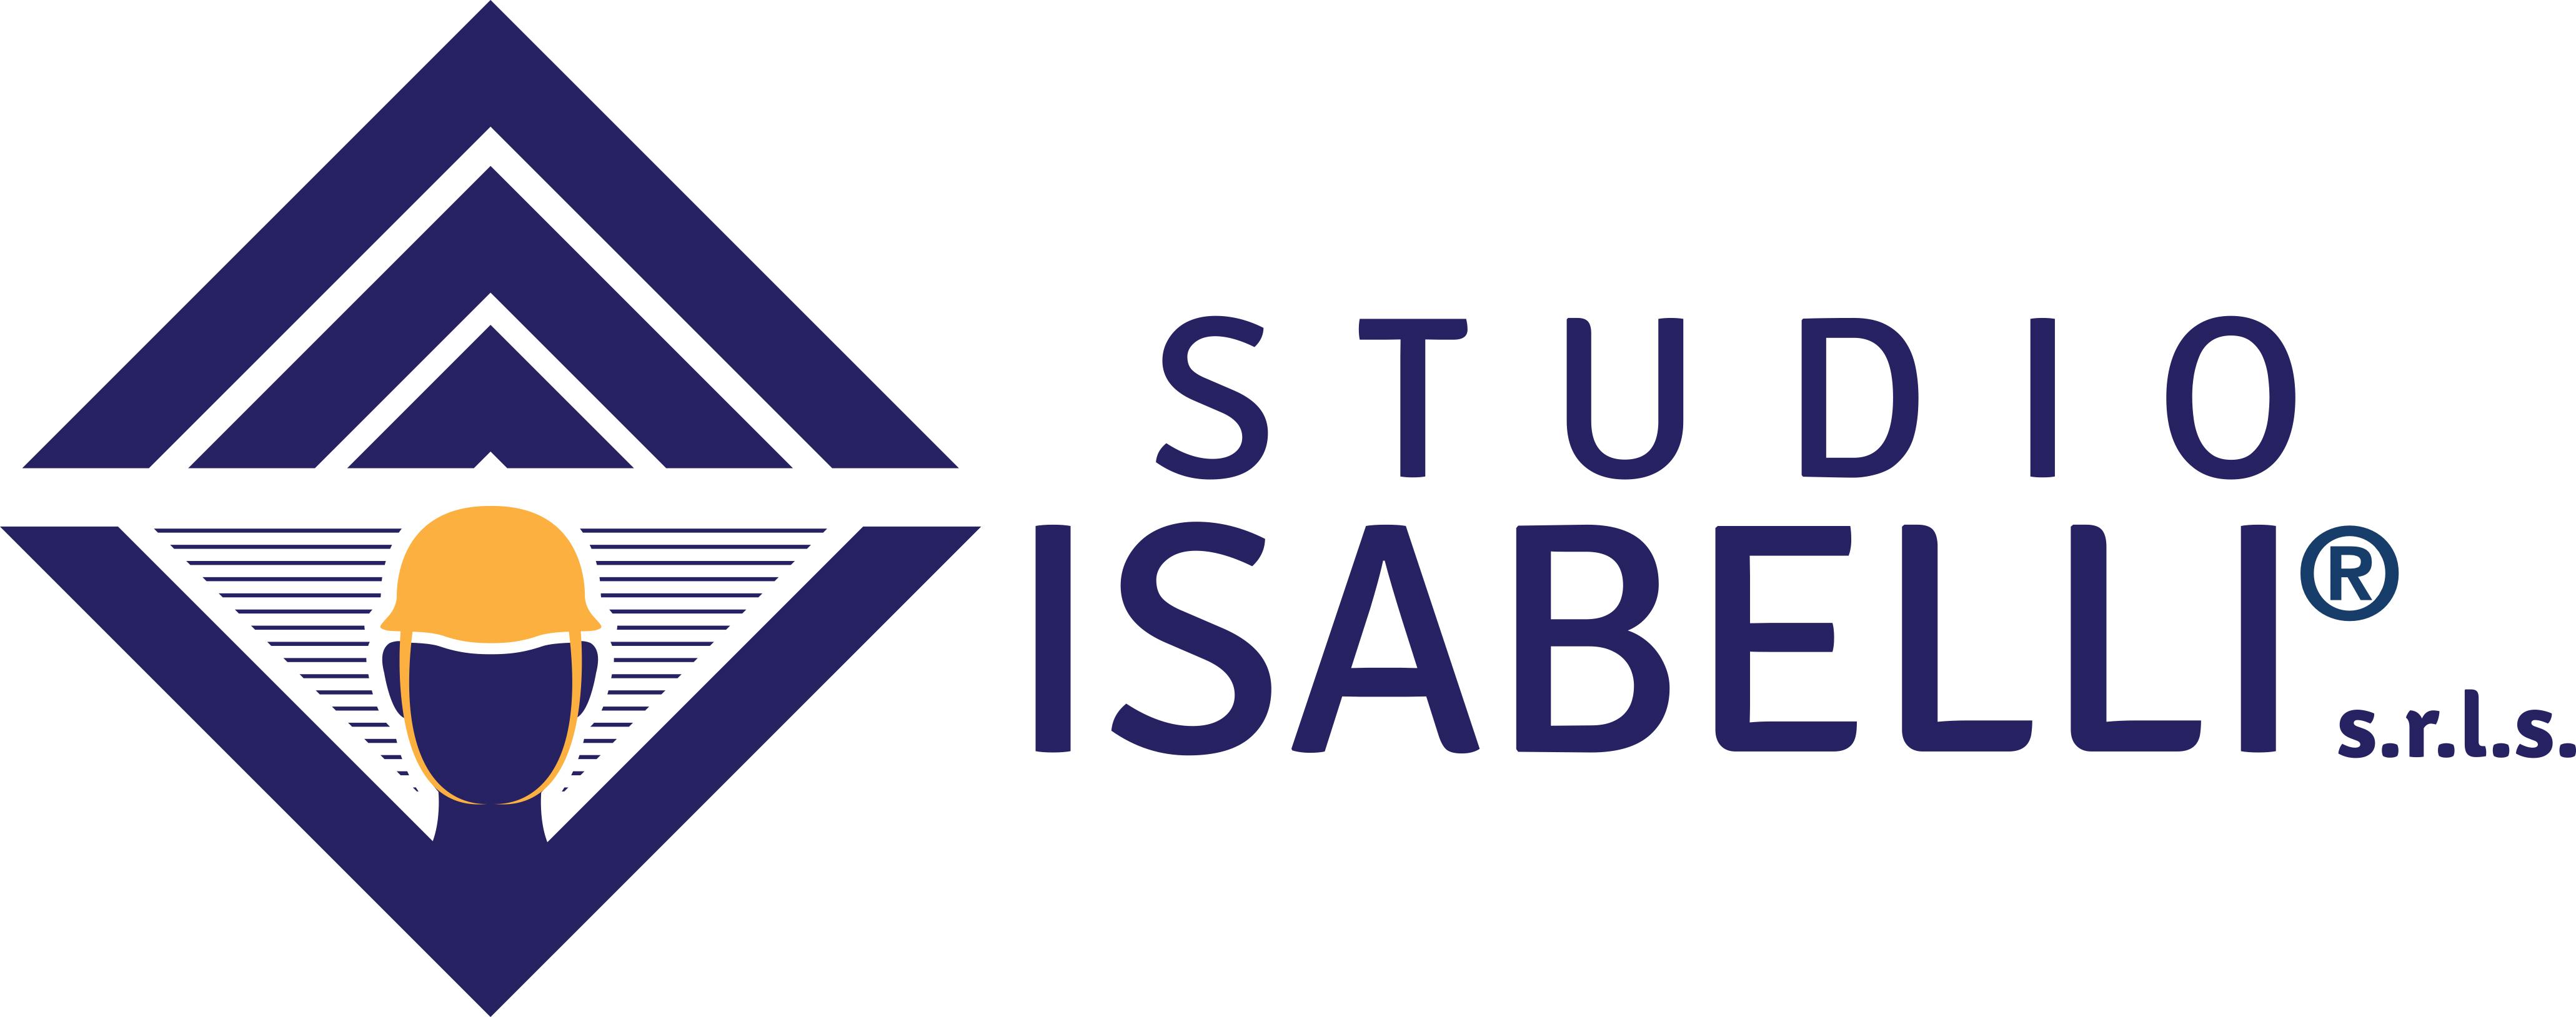 Studio Isabelli srls –  Adeguamento privacy | Consulenza sicurezza sul lavoro a Frosinone Logo